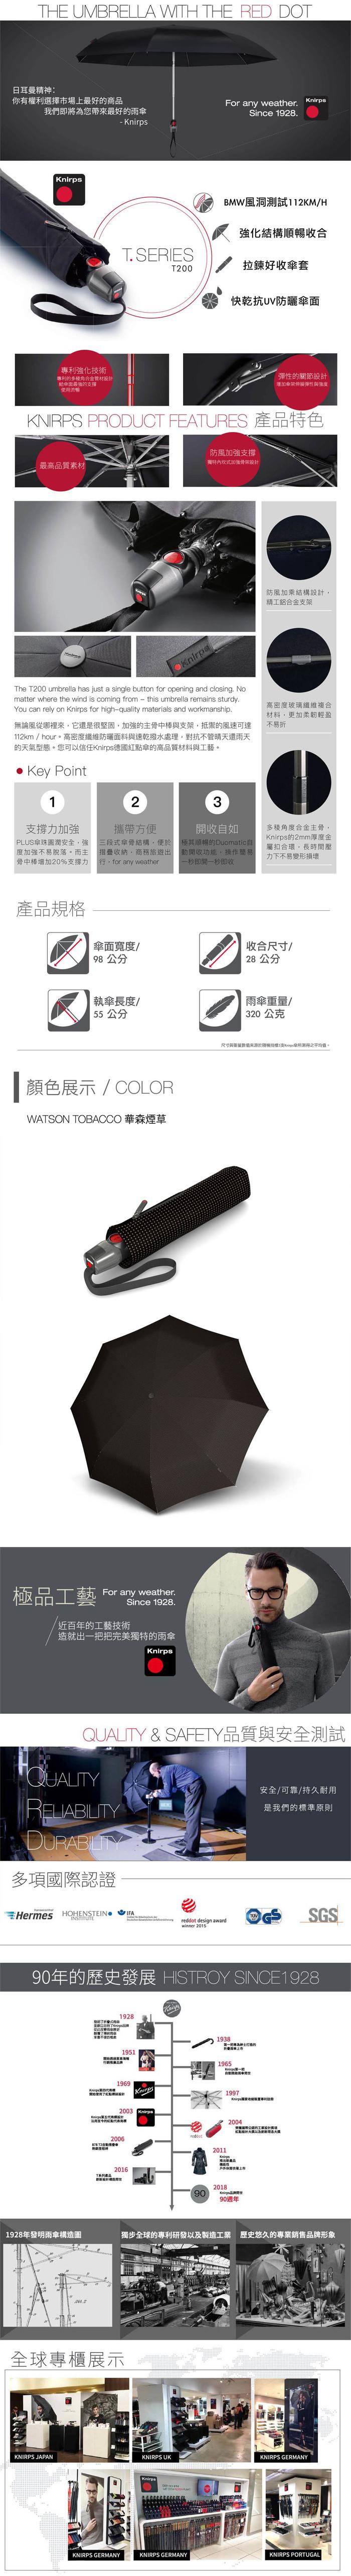 (複製)Knirps德國紅點傘|T.200 自動開收傘- Power black